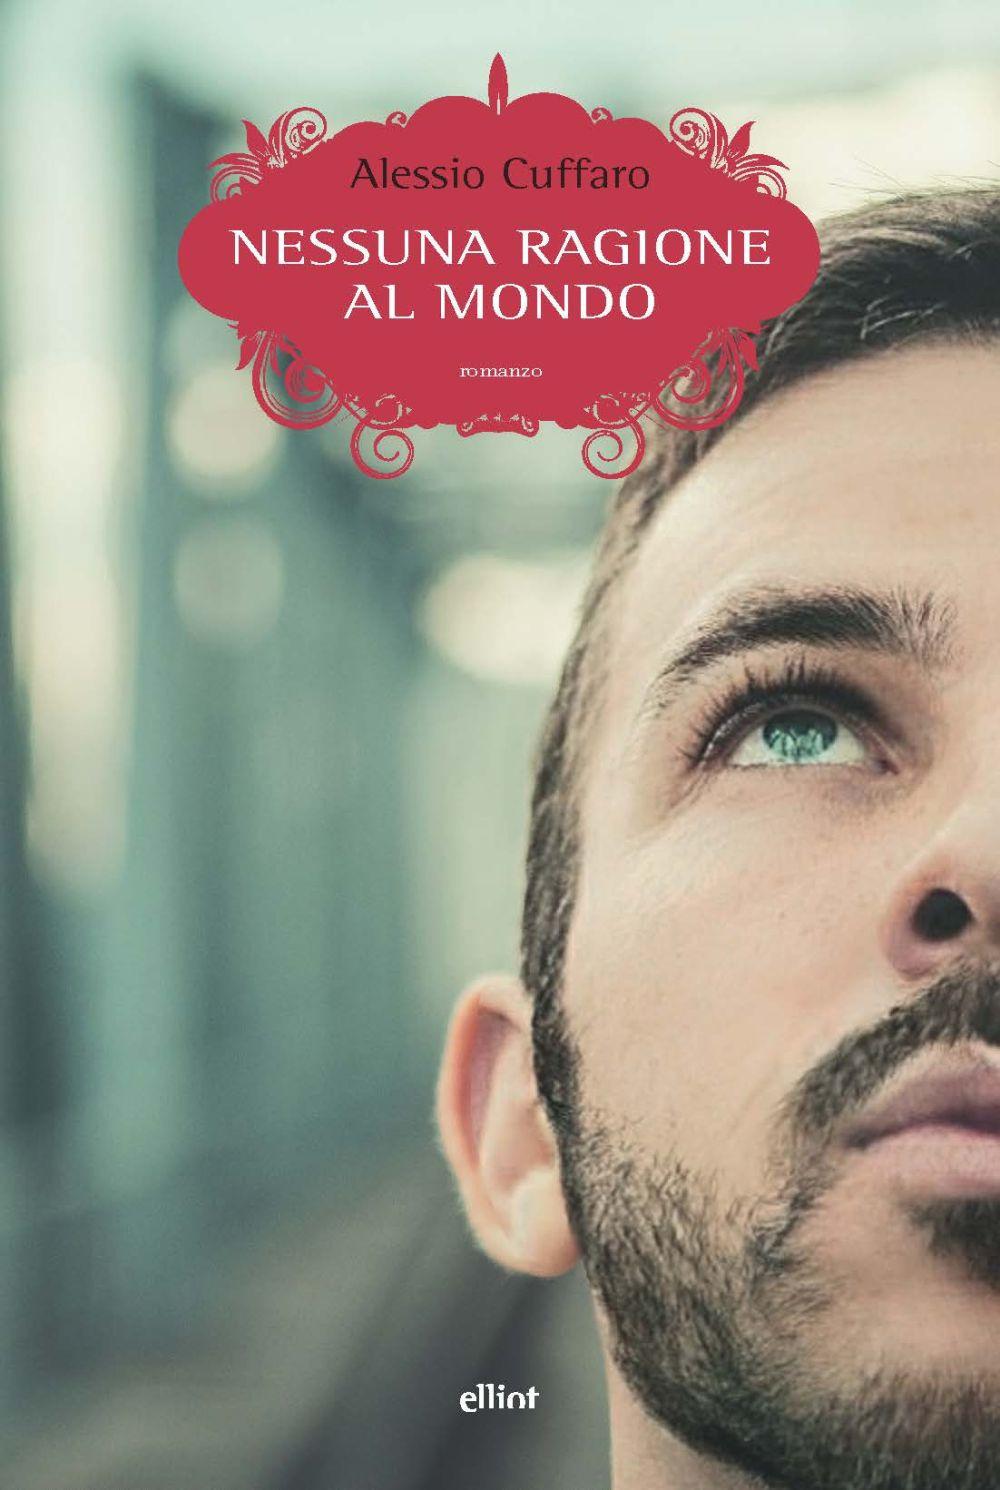 NESSUNA RAGIONE AL MONDO - 9788869939488